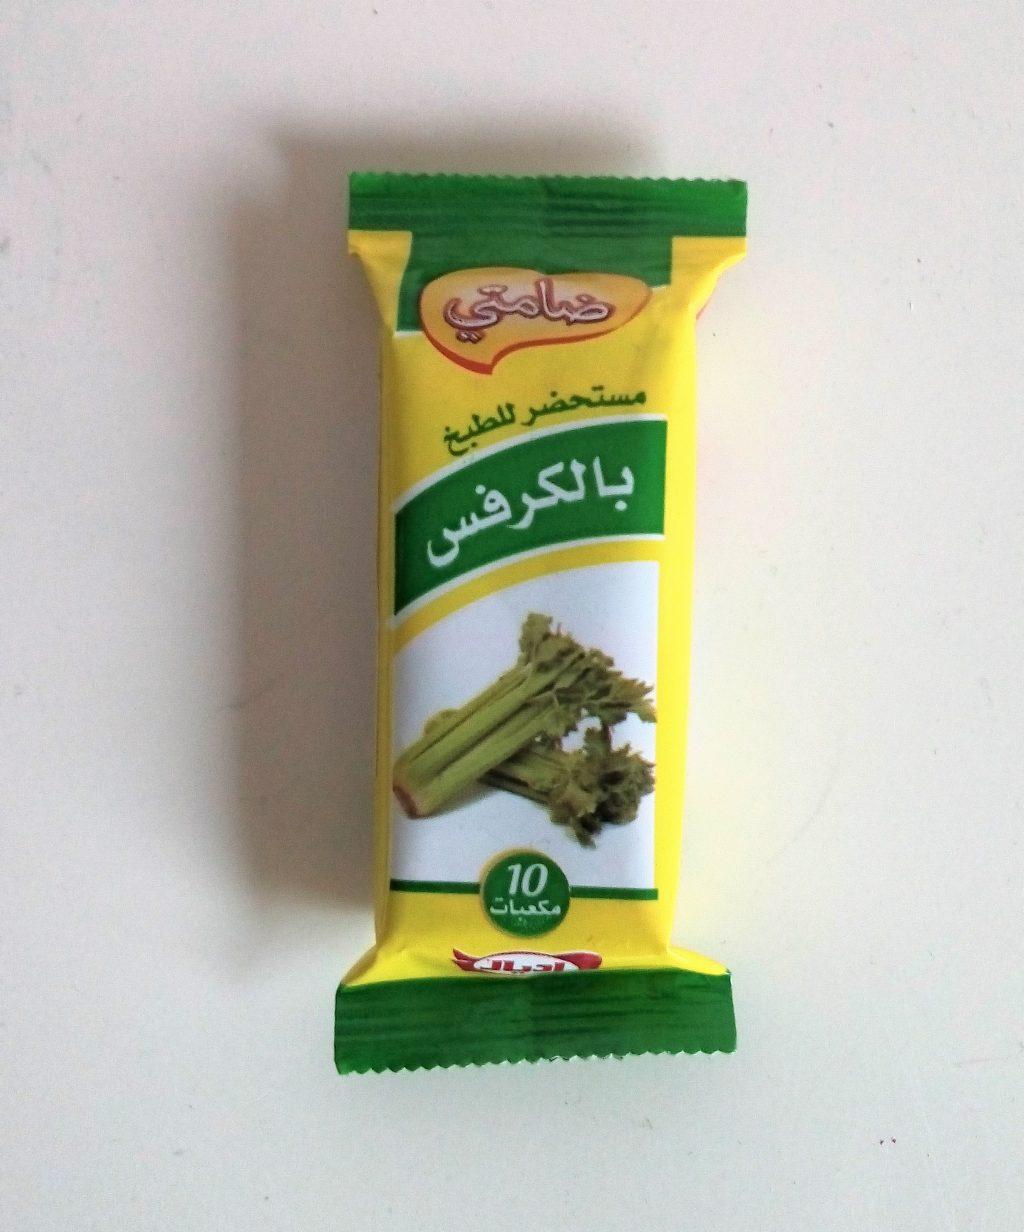 Bouillonblokjes: bleekselderij